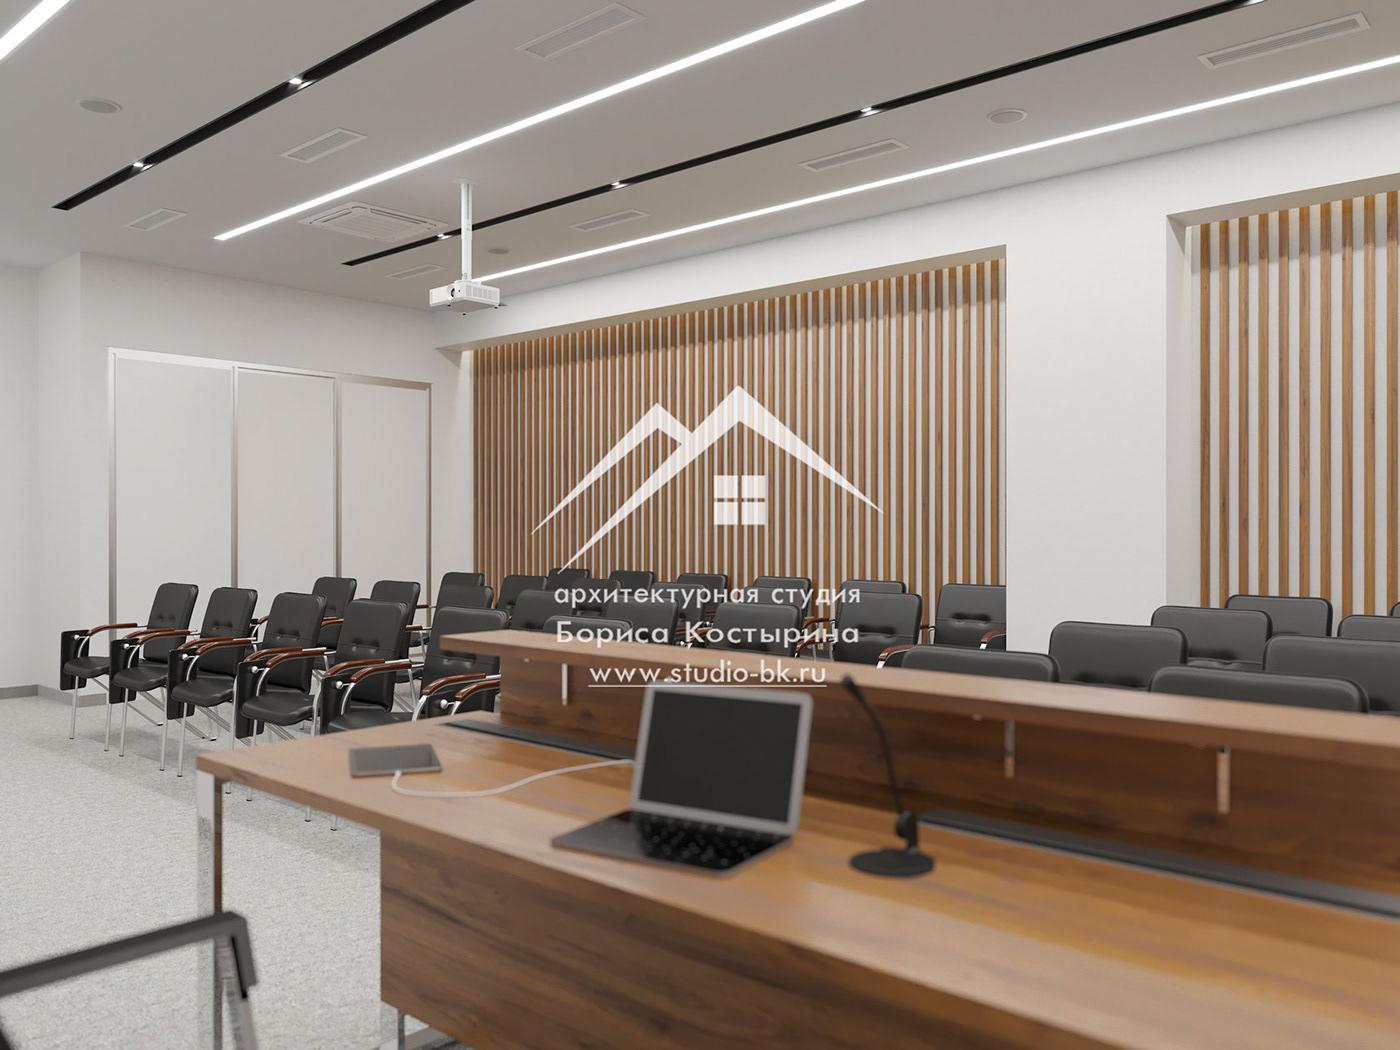 дизайн-проект дизайн-проект офиса Конференц-зал современный стиль стиль техно